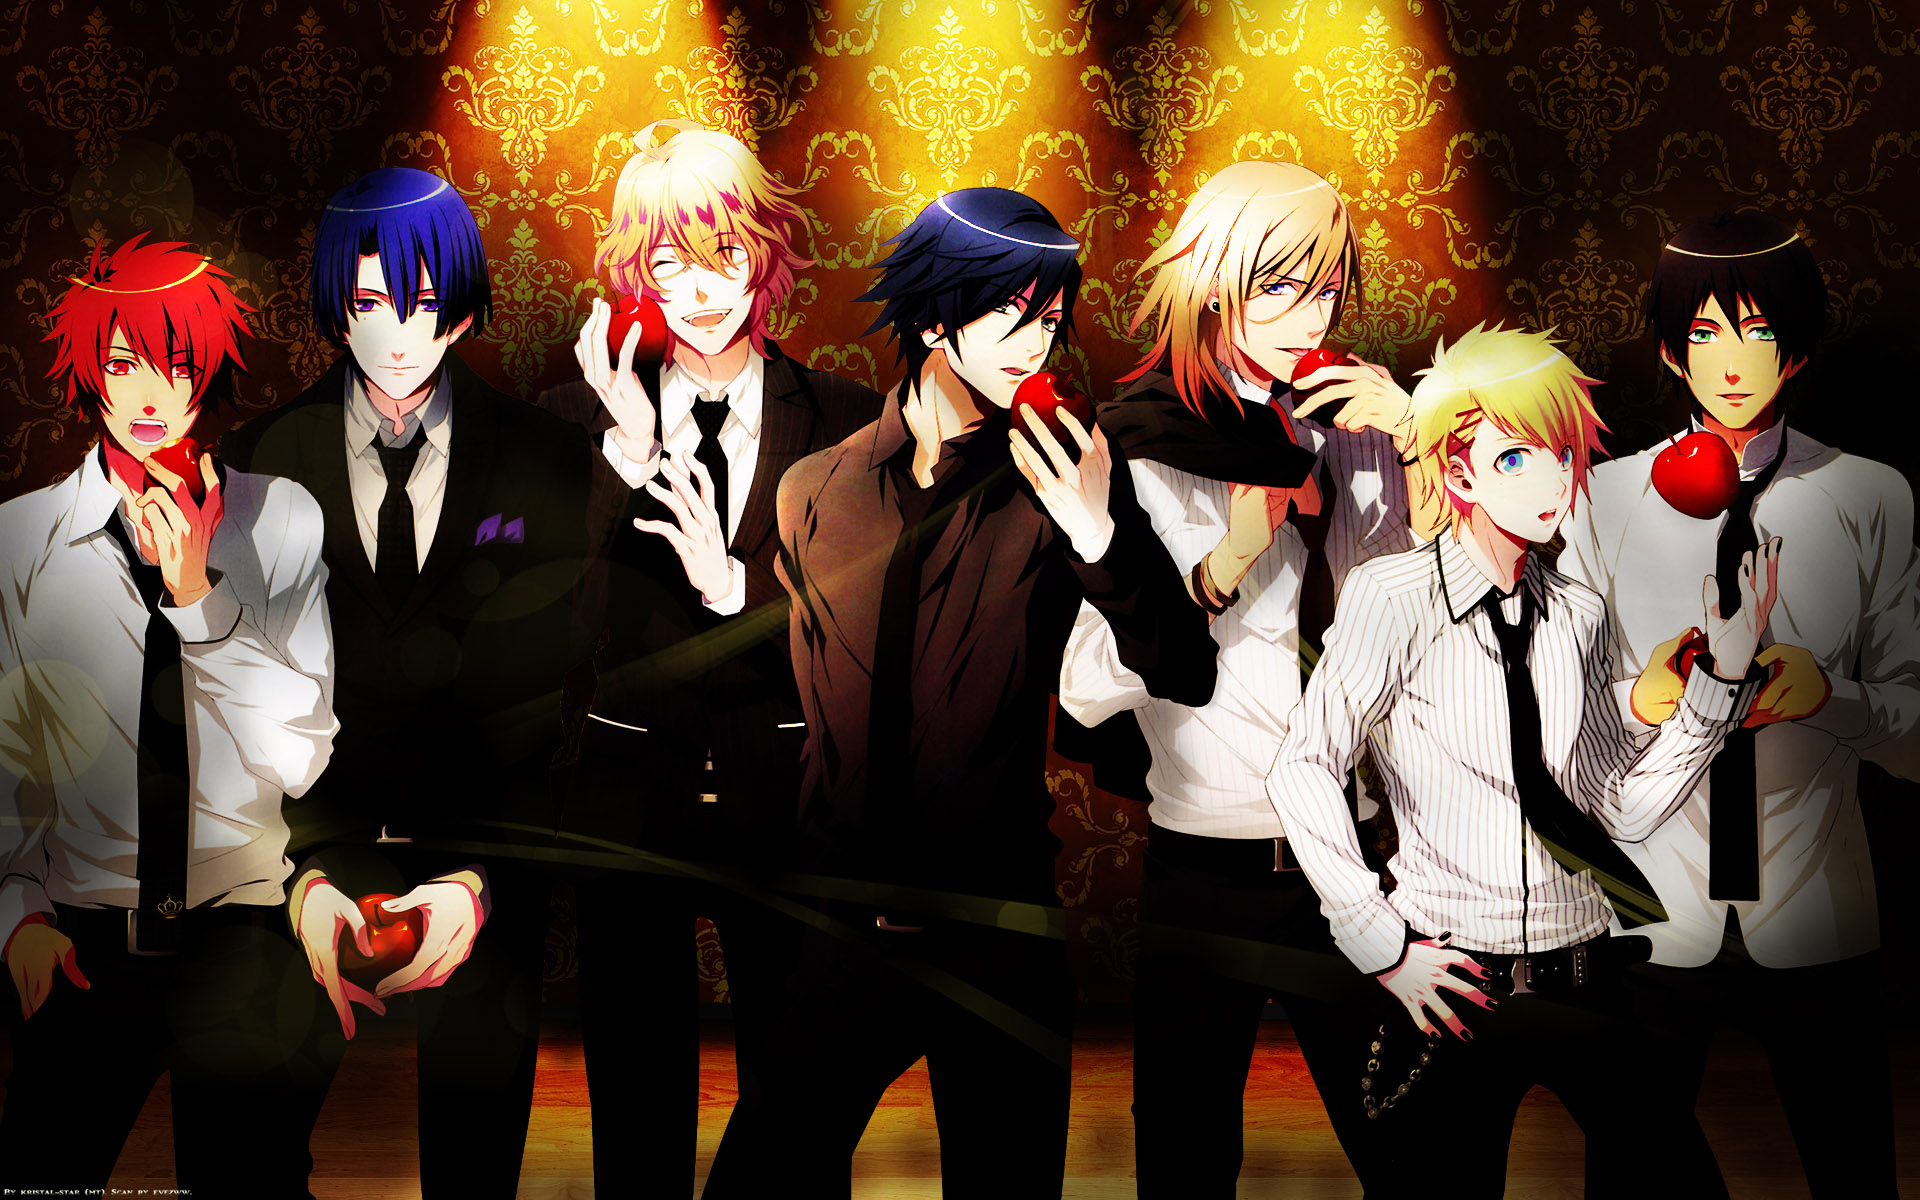 uta no prince sama wallpaper - photo #24